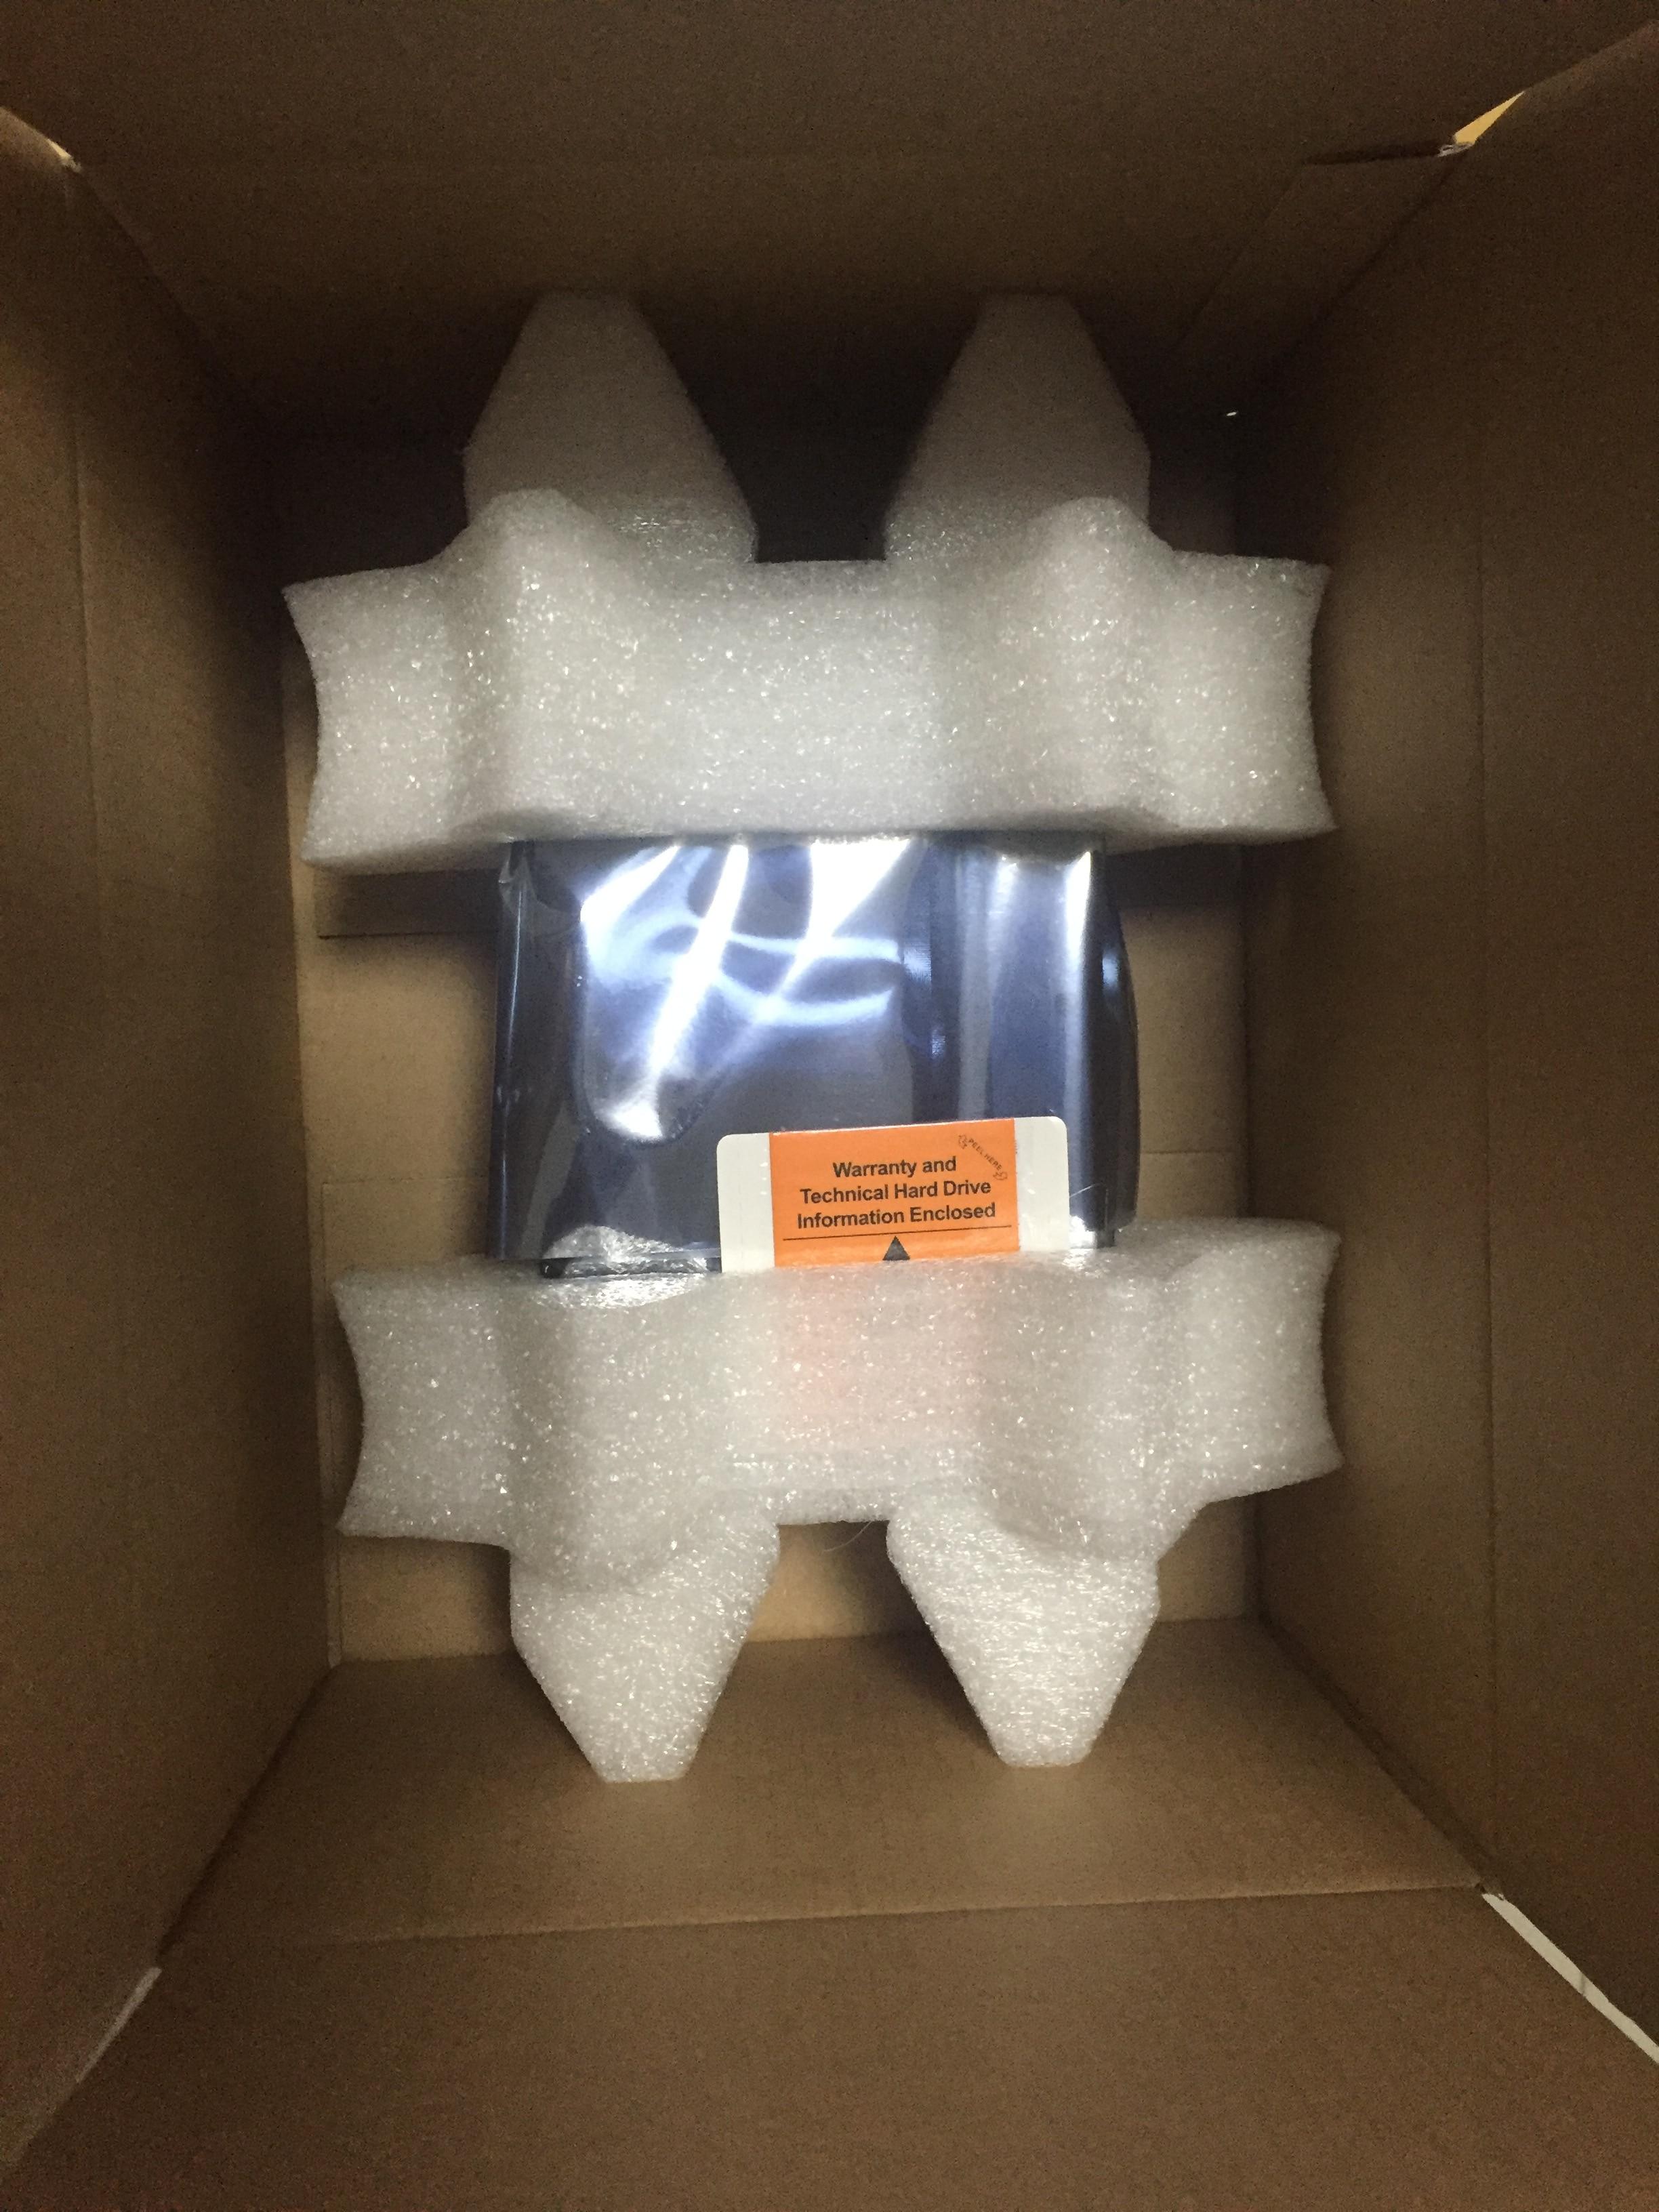 New for DMX2 DMX3 DMX4 101-000-010 ST3146854FCV 146G 15K 1 year warranty new original xs7c1a1dbm8 xs7c1a1dbm8c warranty for two year